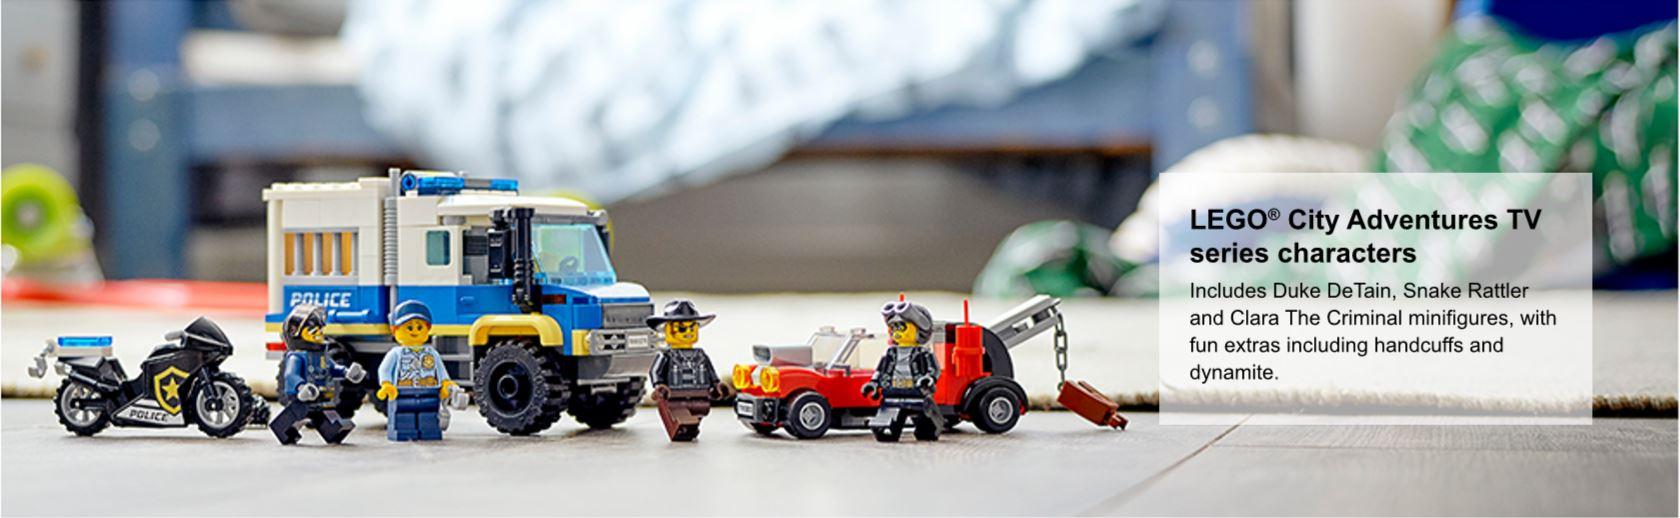 Police prisoner transport set